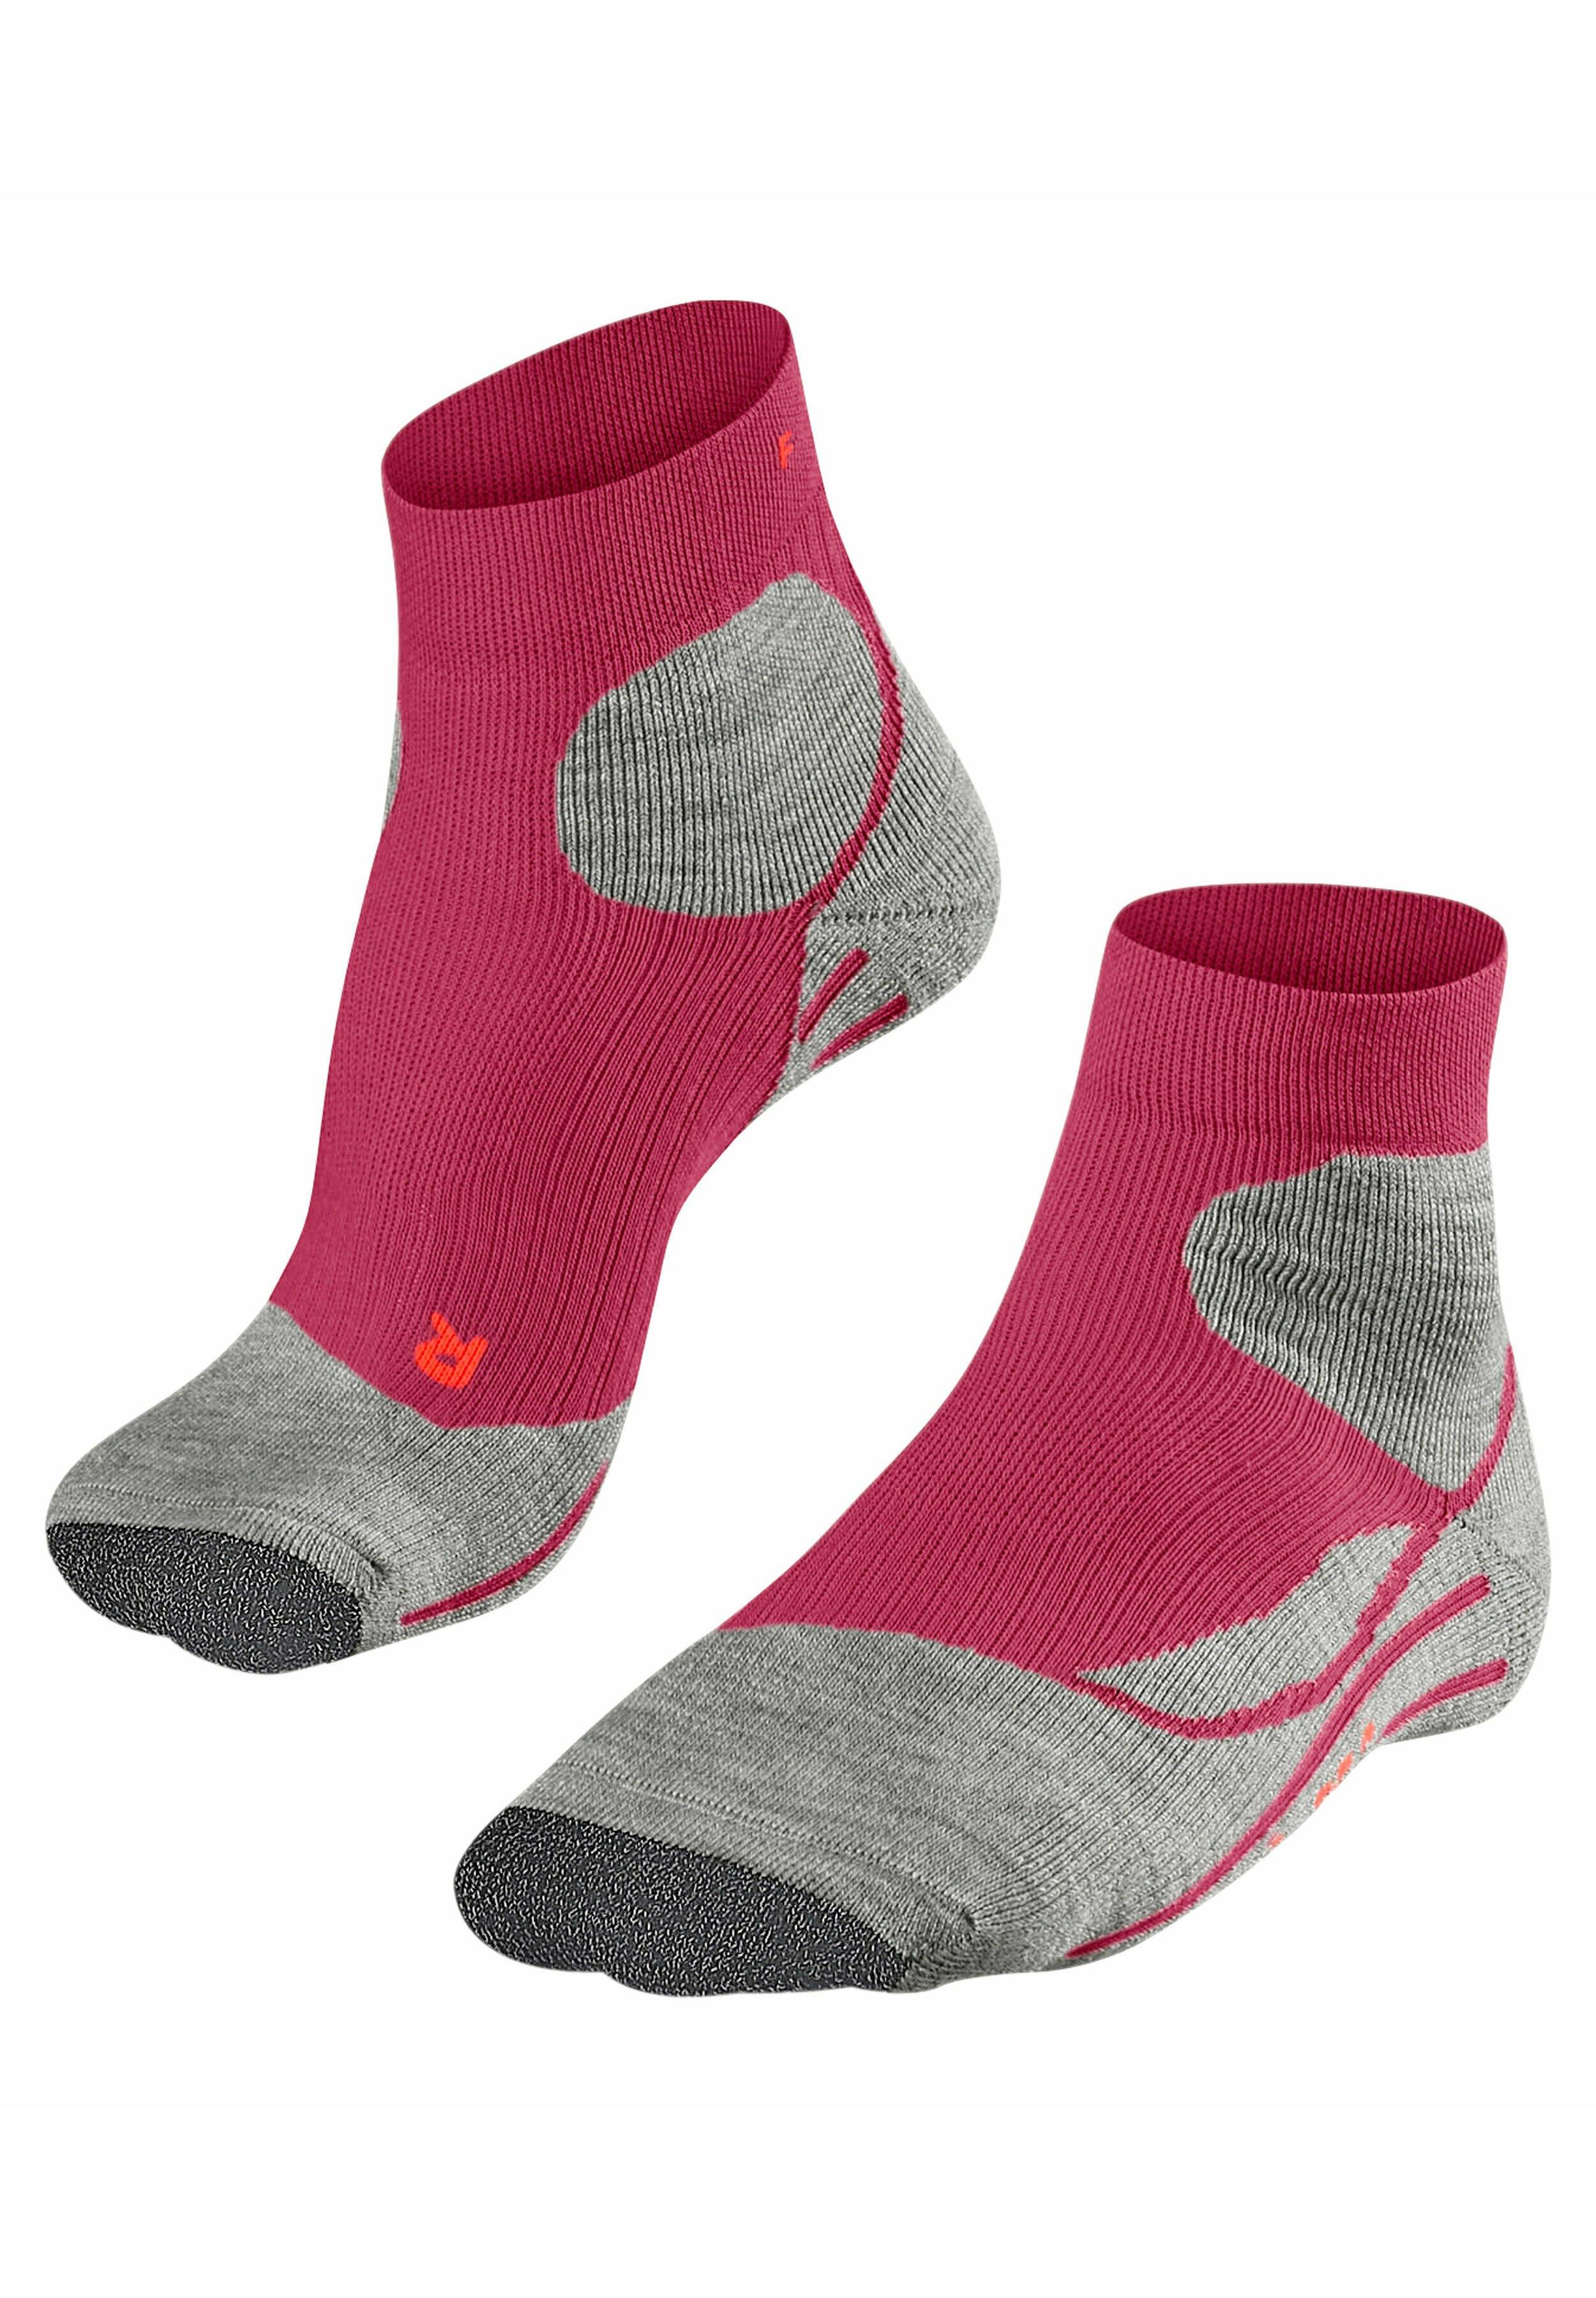 Femme TE SHORT - Chaussettes de sport - rose